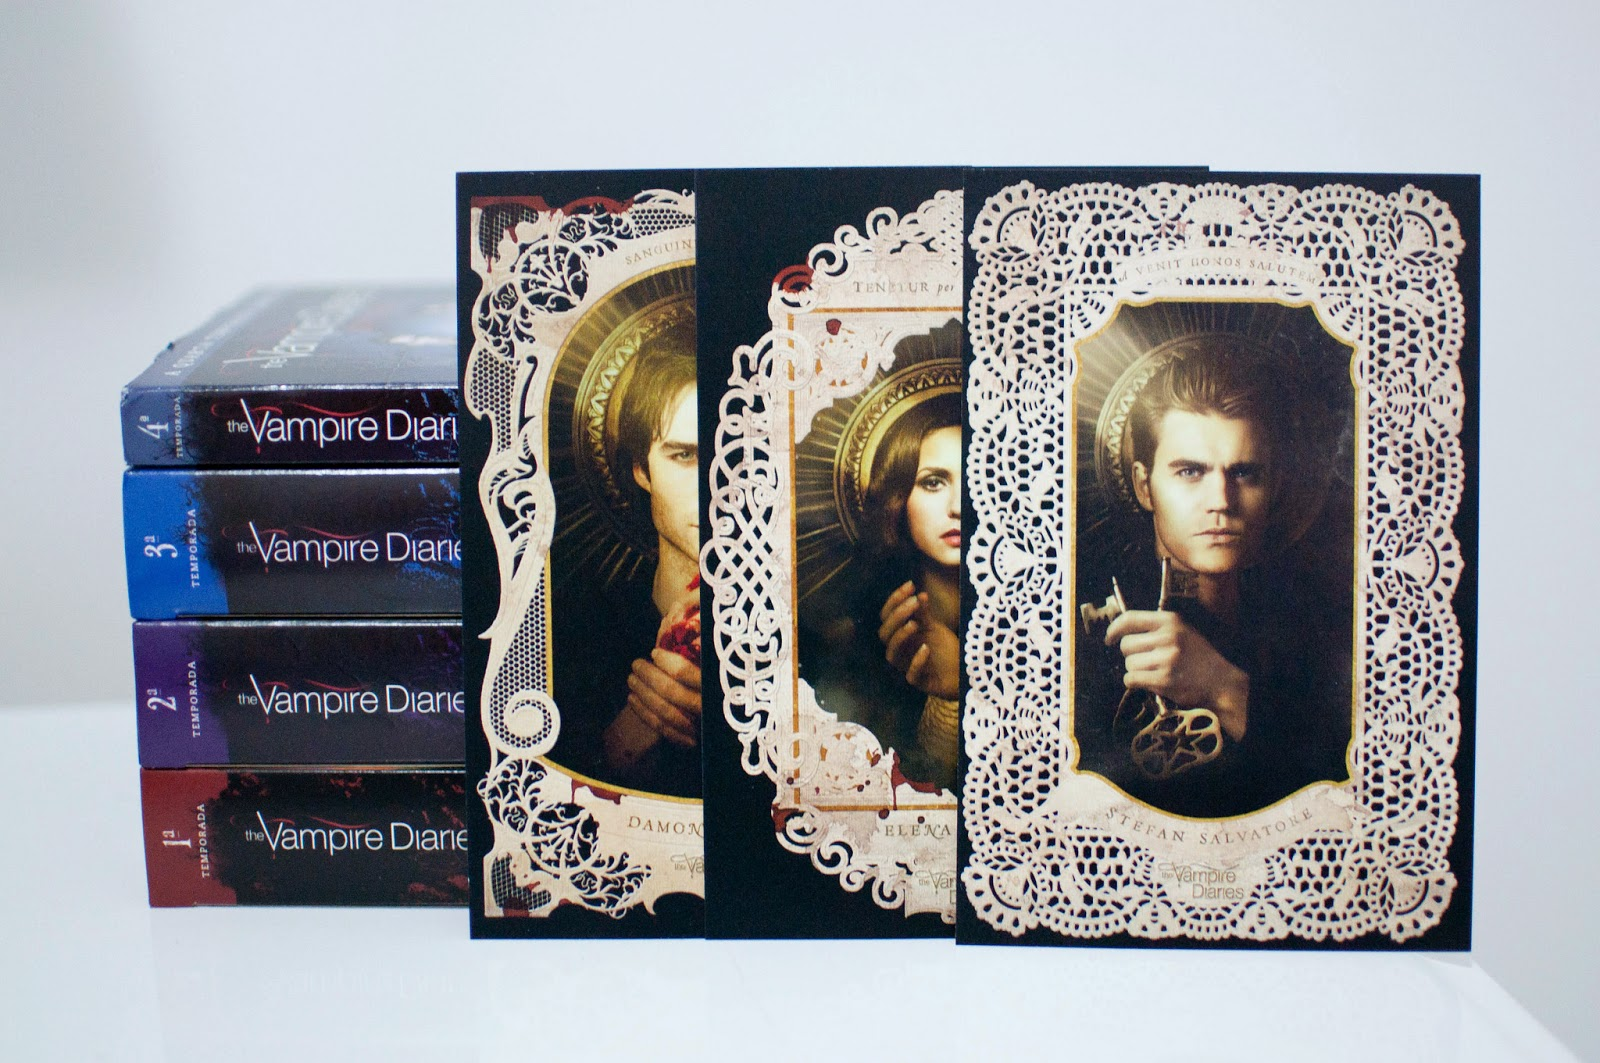 [Série] The Vampire Diaries